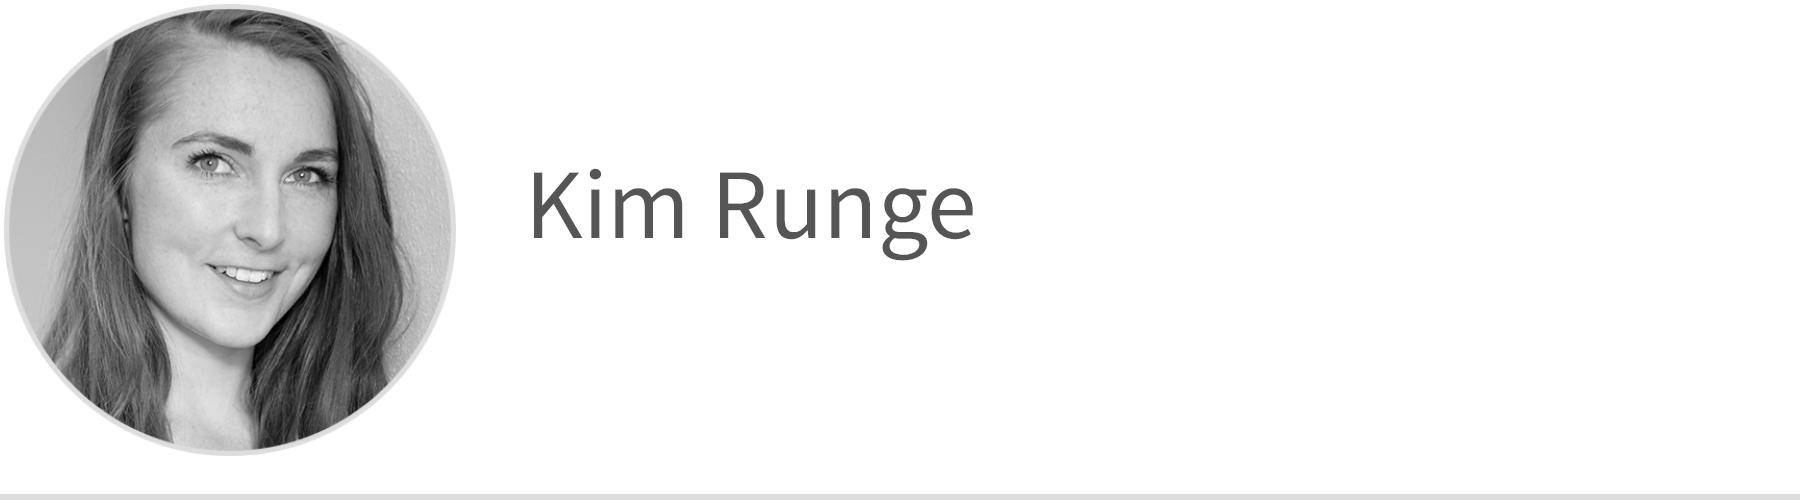 Kim Runge